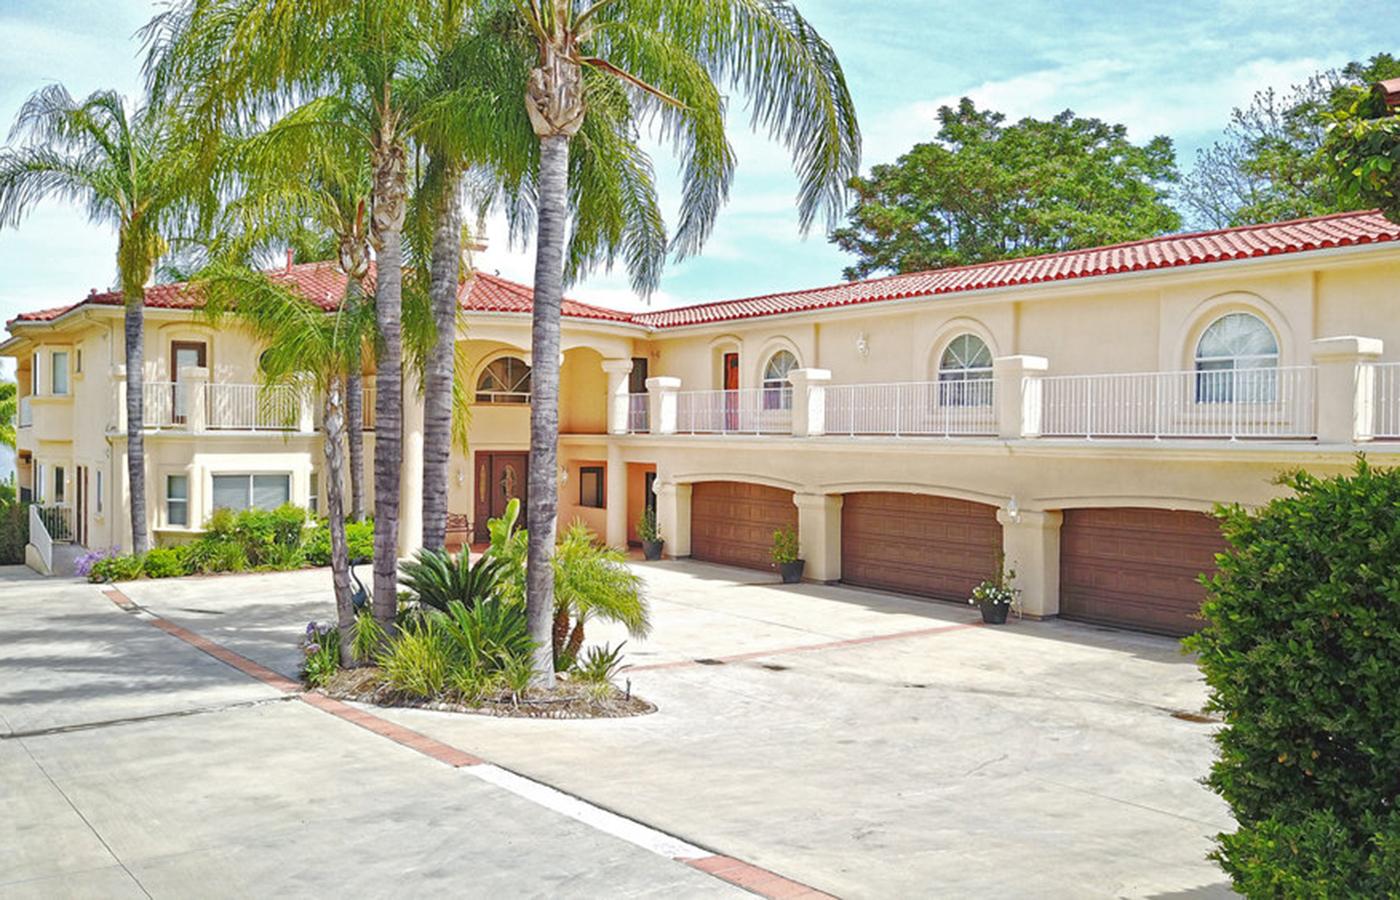 Main House 3